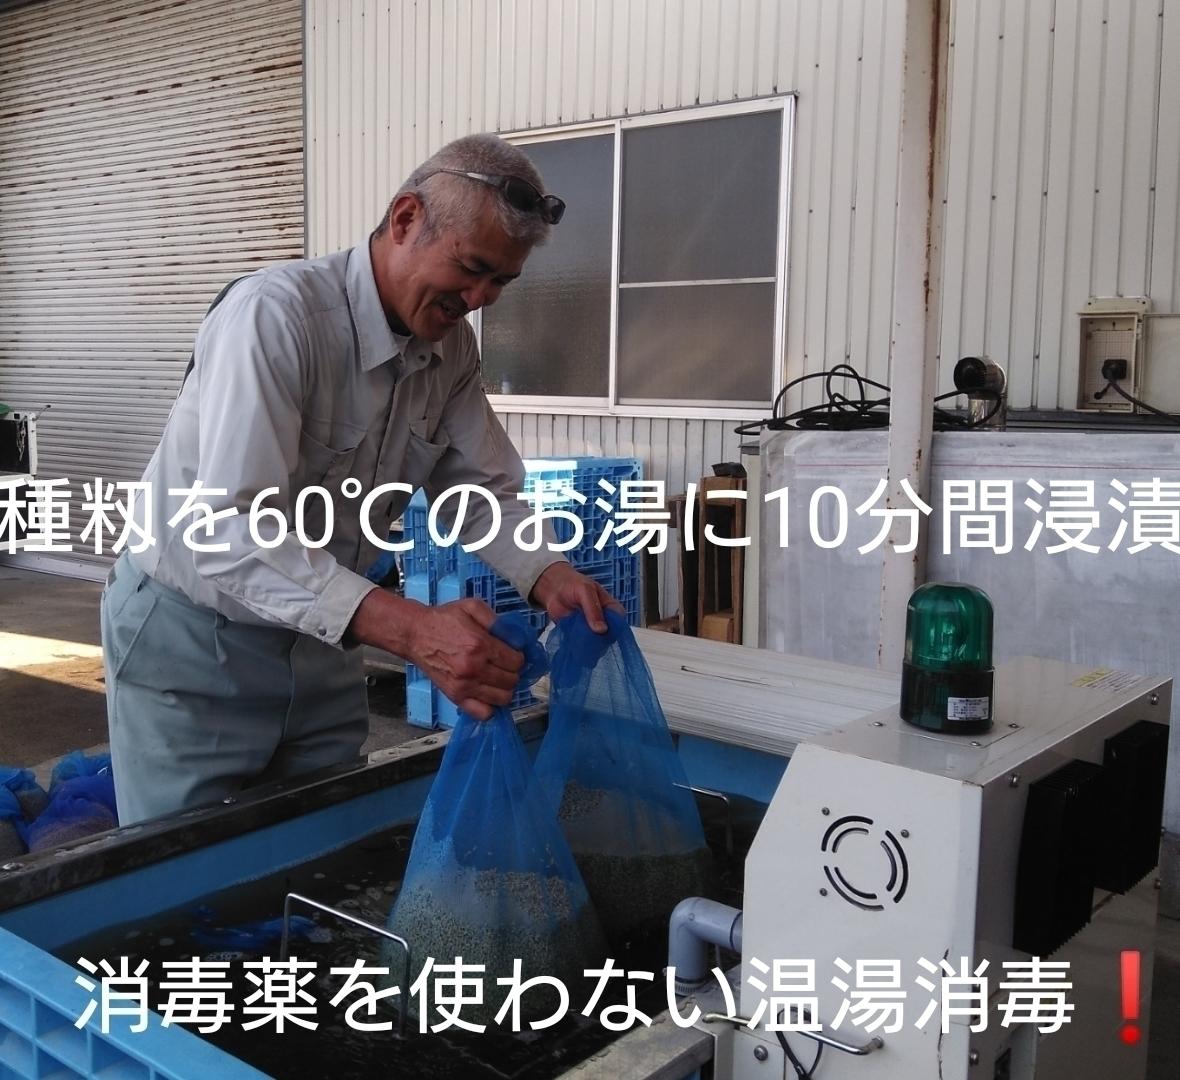 自然栽培米 米の旨みたっぷり 氷温熟成米 つや姫 令和2年産 新米 山形県産 庄内米 無施肥 無農薬 玄米 25kg (正味24.6kg) 農家直送_1回40kgなのでかなり時間かかる作業